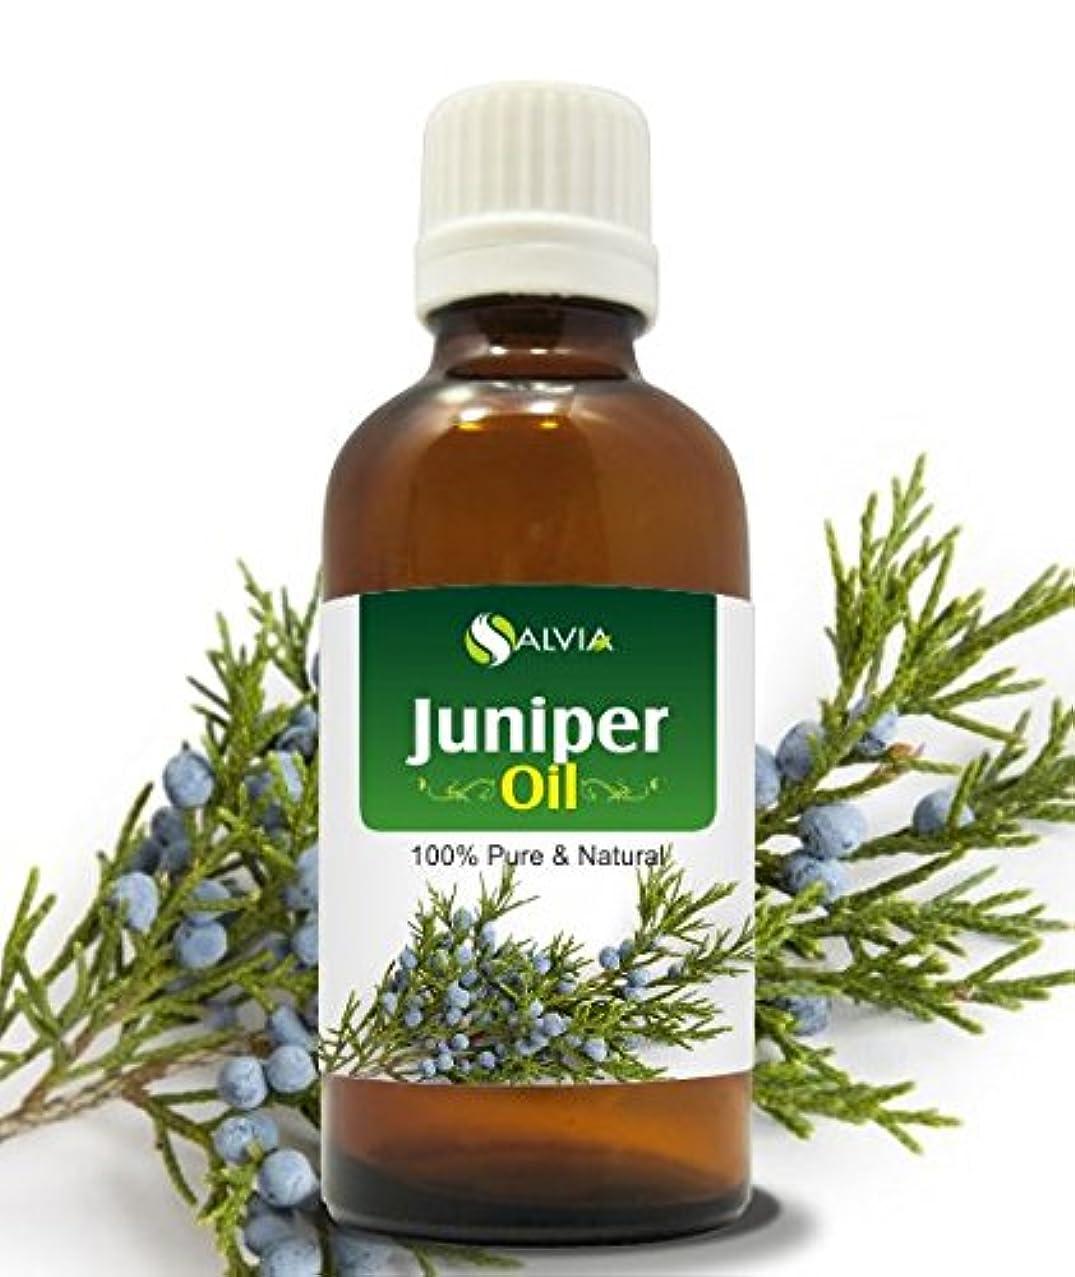 利用可能ロードブロッキングご注意Juniper Oil 100% Natural Pure Undiluted Uncut Essential Oil 100ml